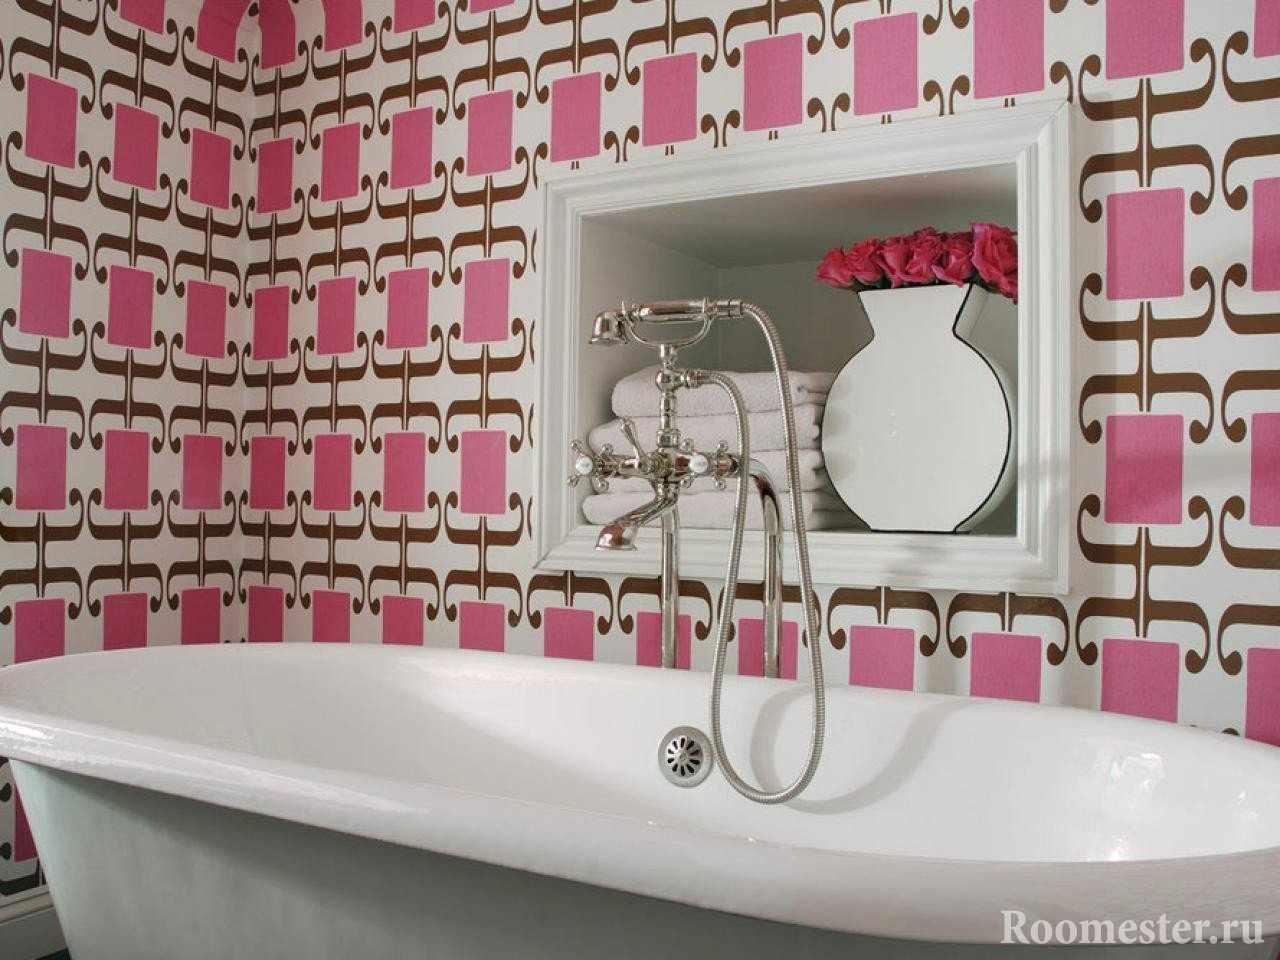 Ванная комната с отделкой стен в розовых цветах